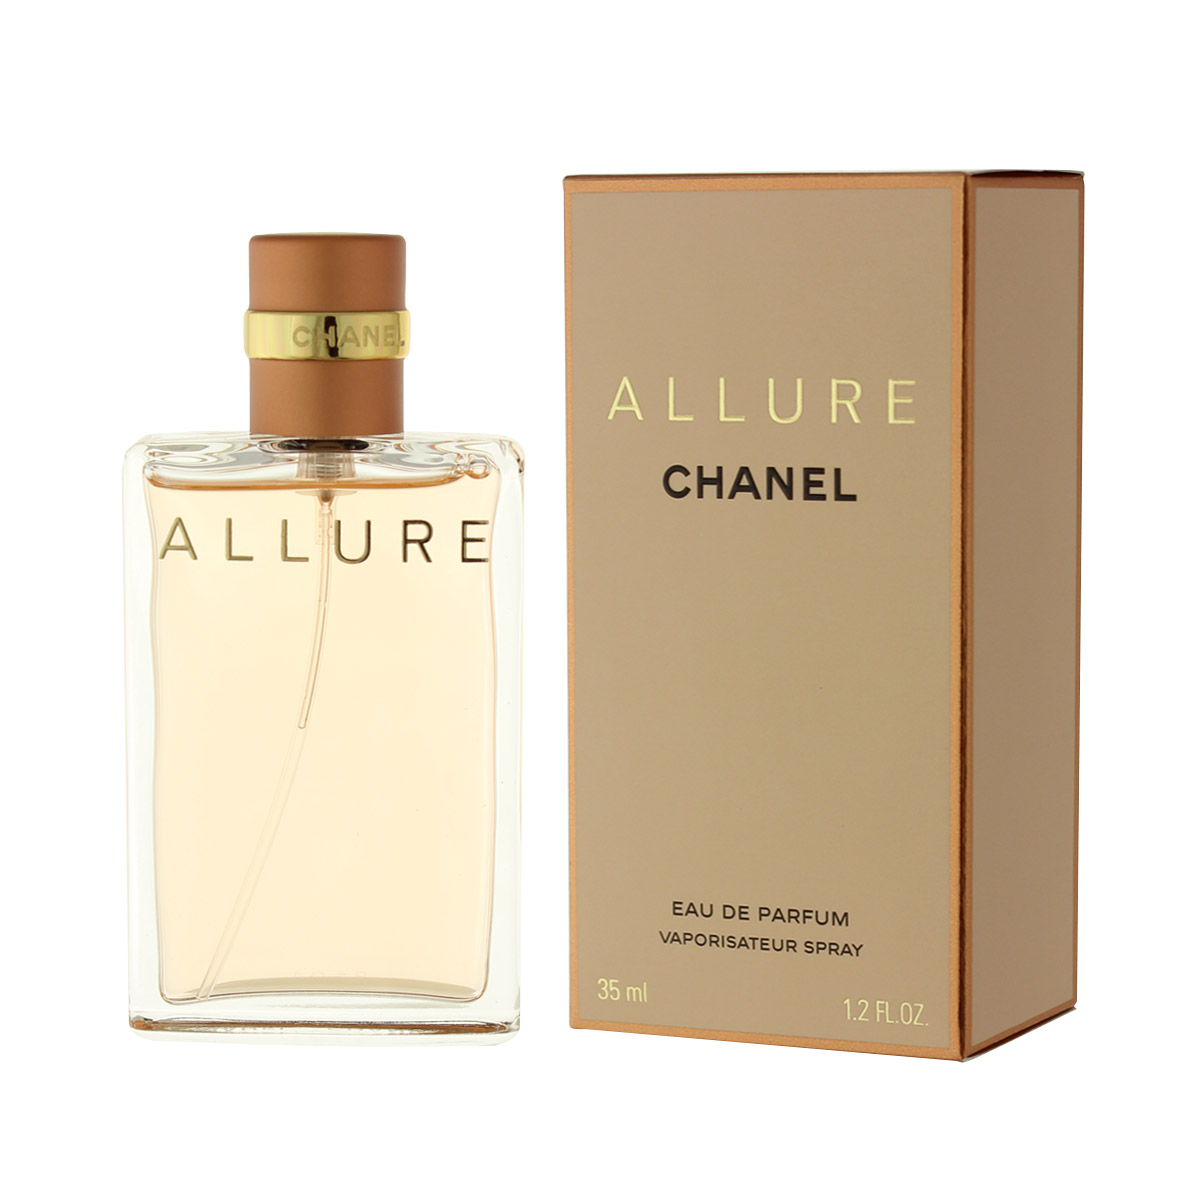 Chanel Allure Eau De Parfum 35 ml (woman) 39243